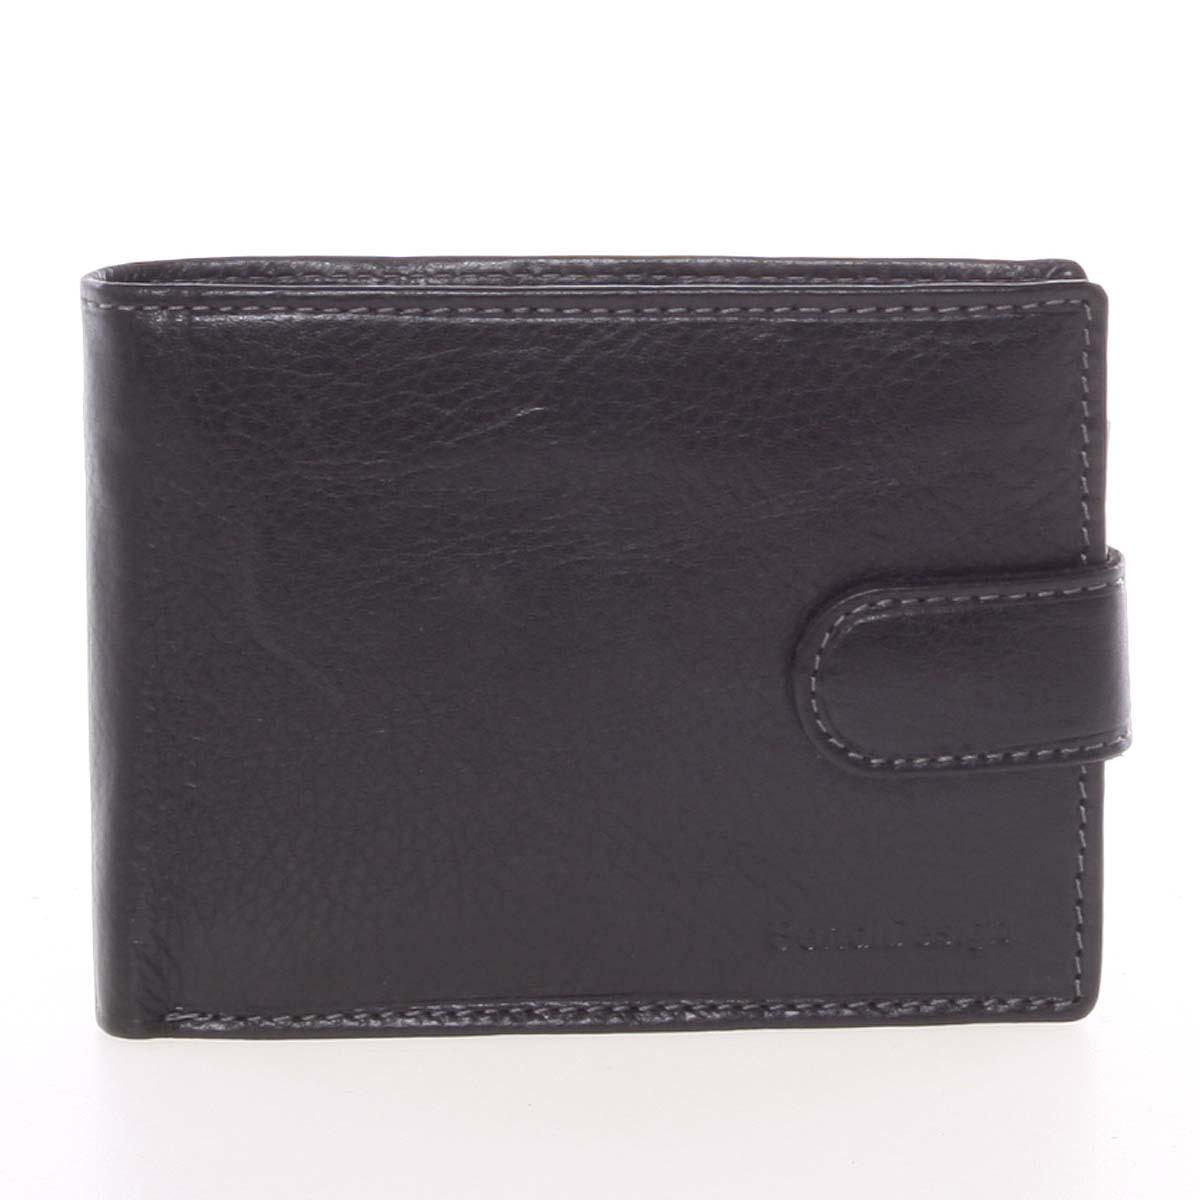 Pánská černá kožená peněženka se zápinkou - SendiDesign Prejem